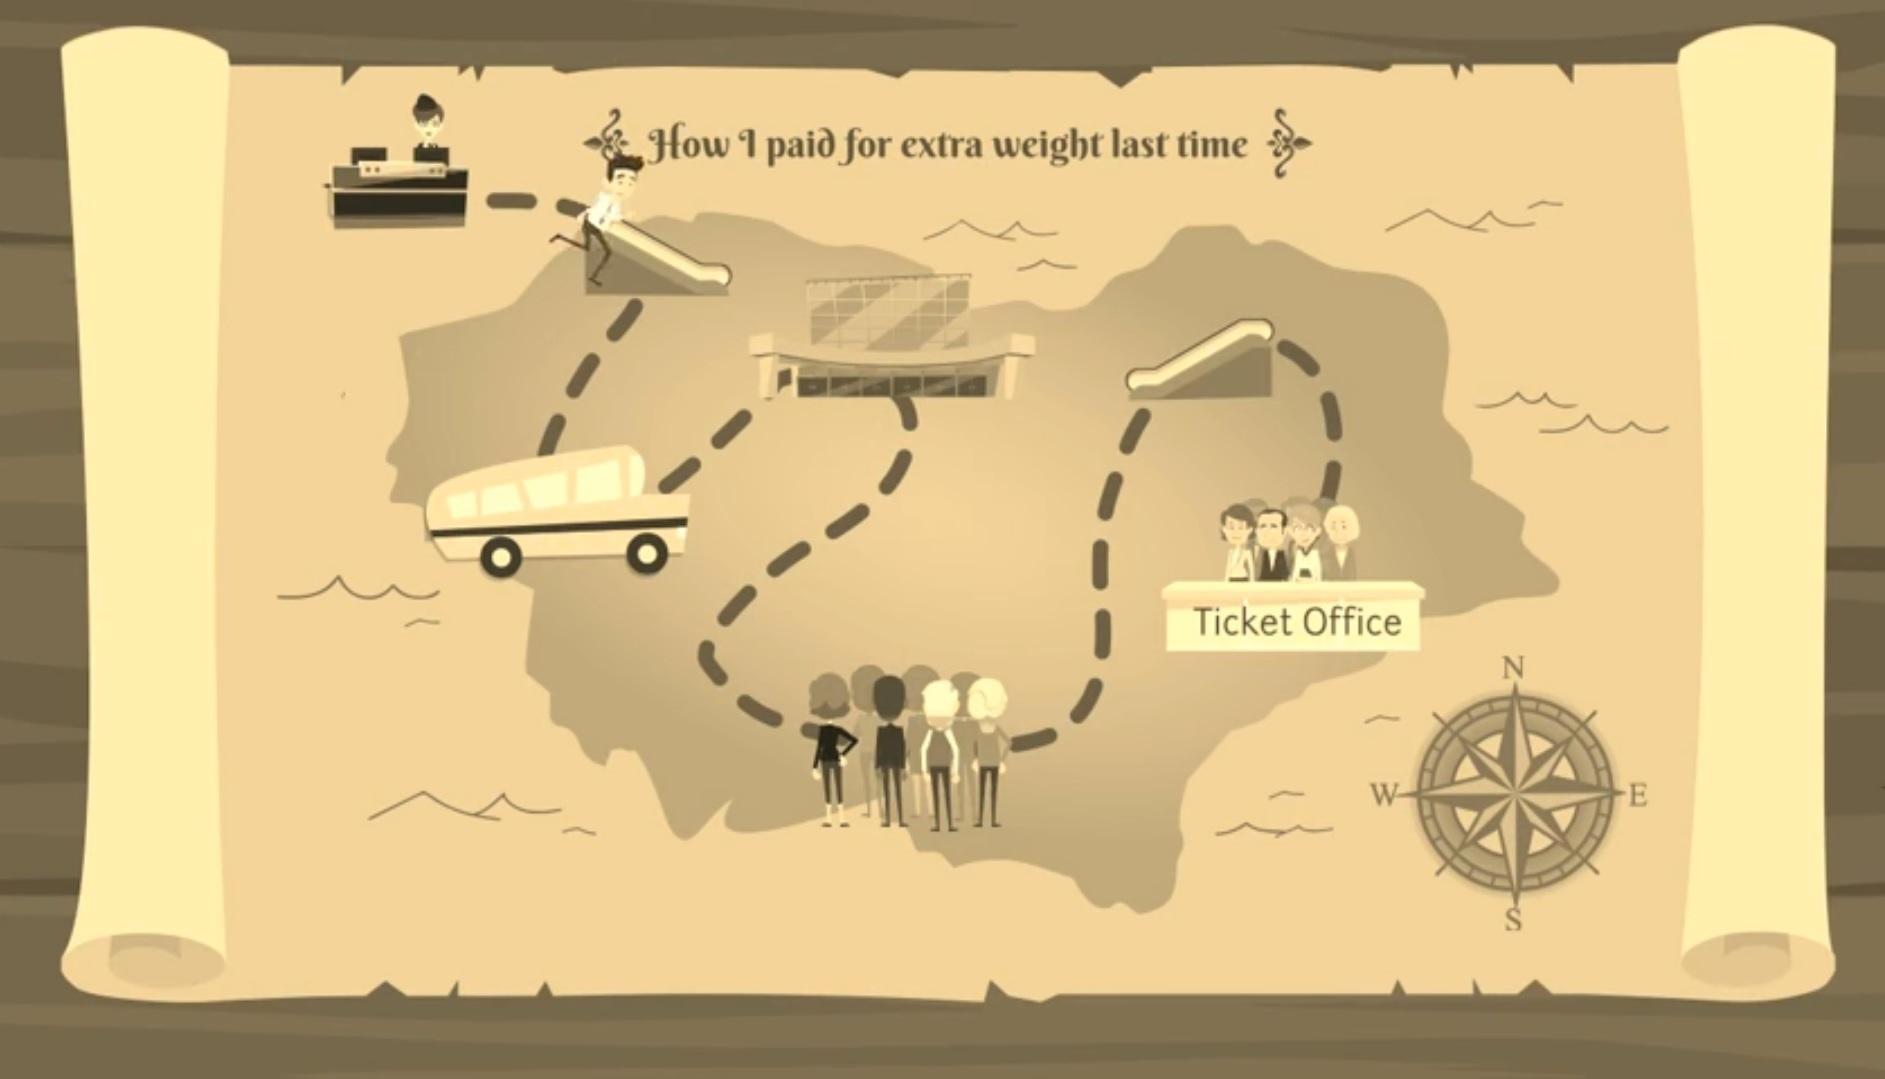 Amadeus Airport Pay